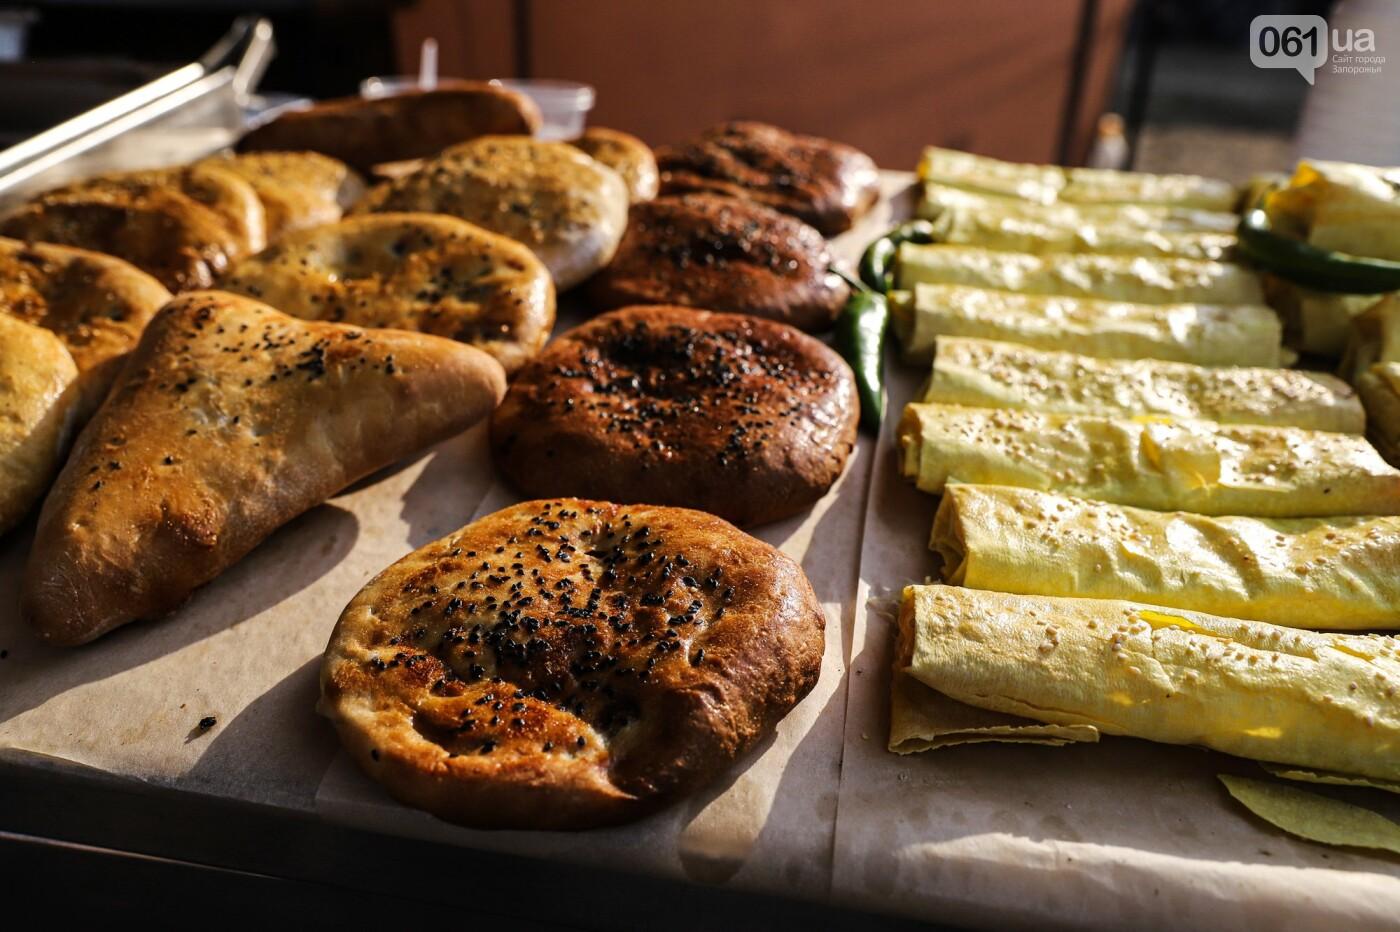 Бограч в хлебных горшочках и мясо из уникальной печи: что нового на фестивале уличной еды в Запорожье, - ФОТОРЕПОРТАЖ, фото-3